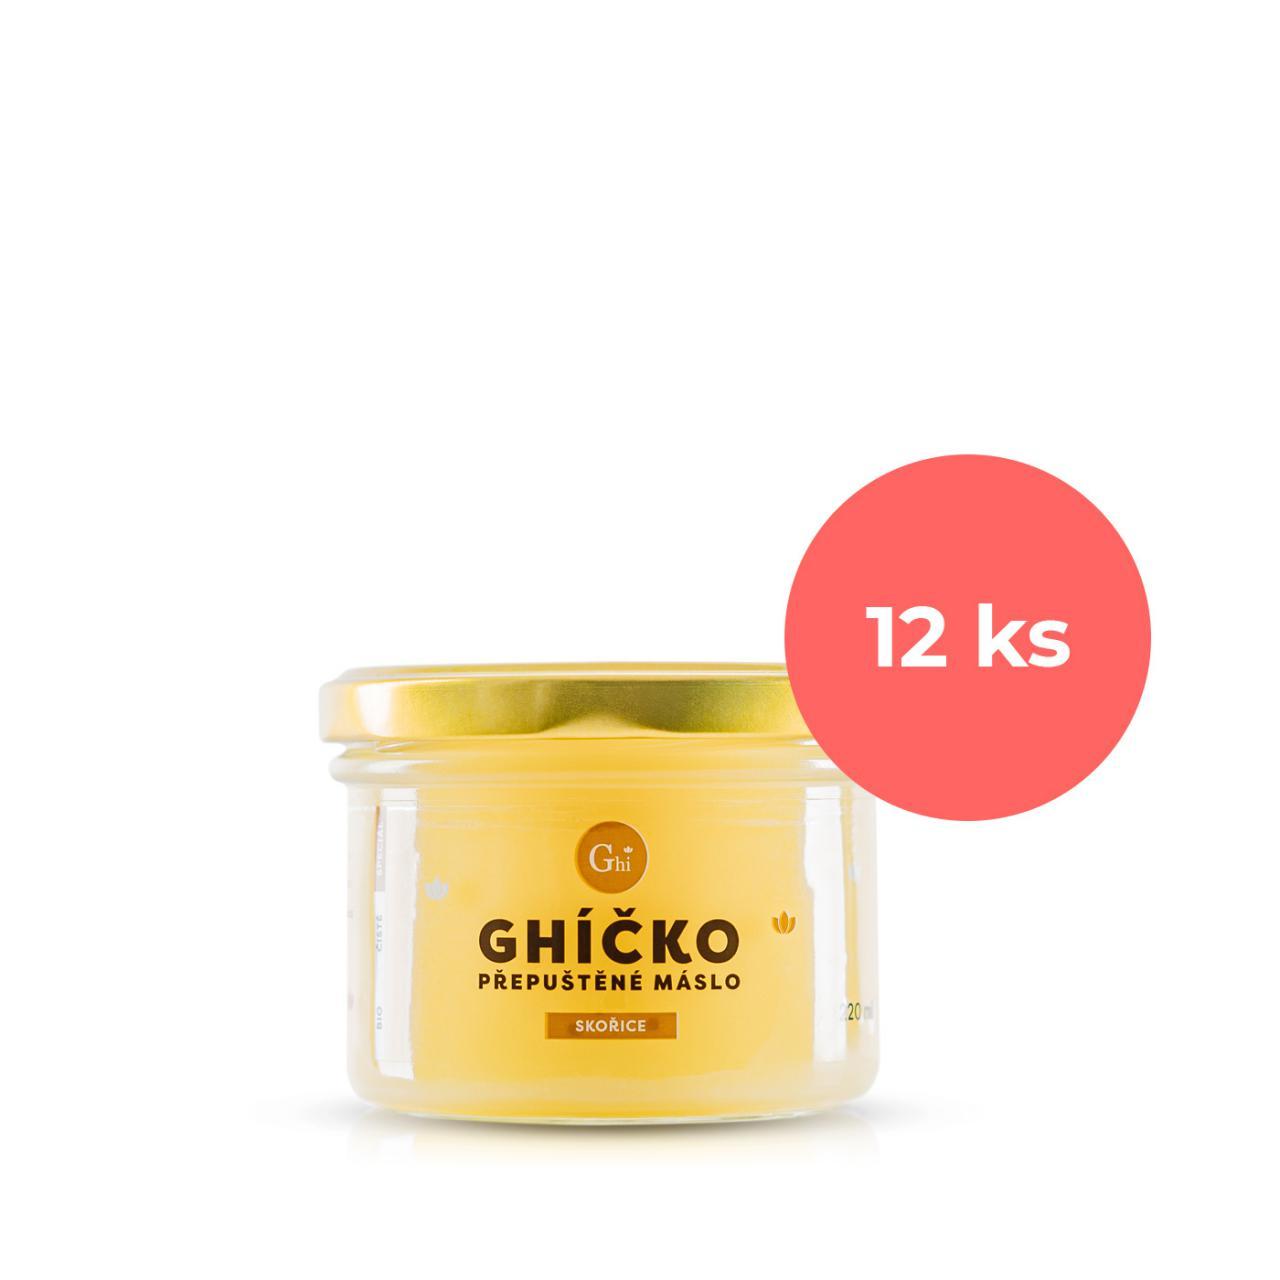 Ghí přepuštěné máslo 220ml speciál skořice s vanilkou - karton 12ks